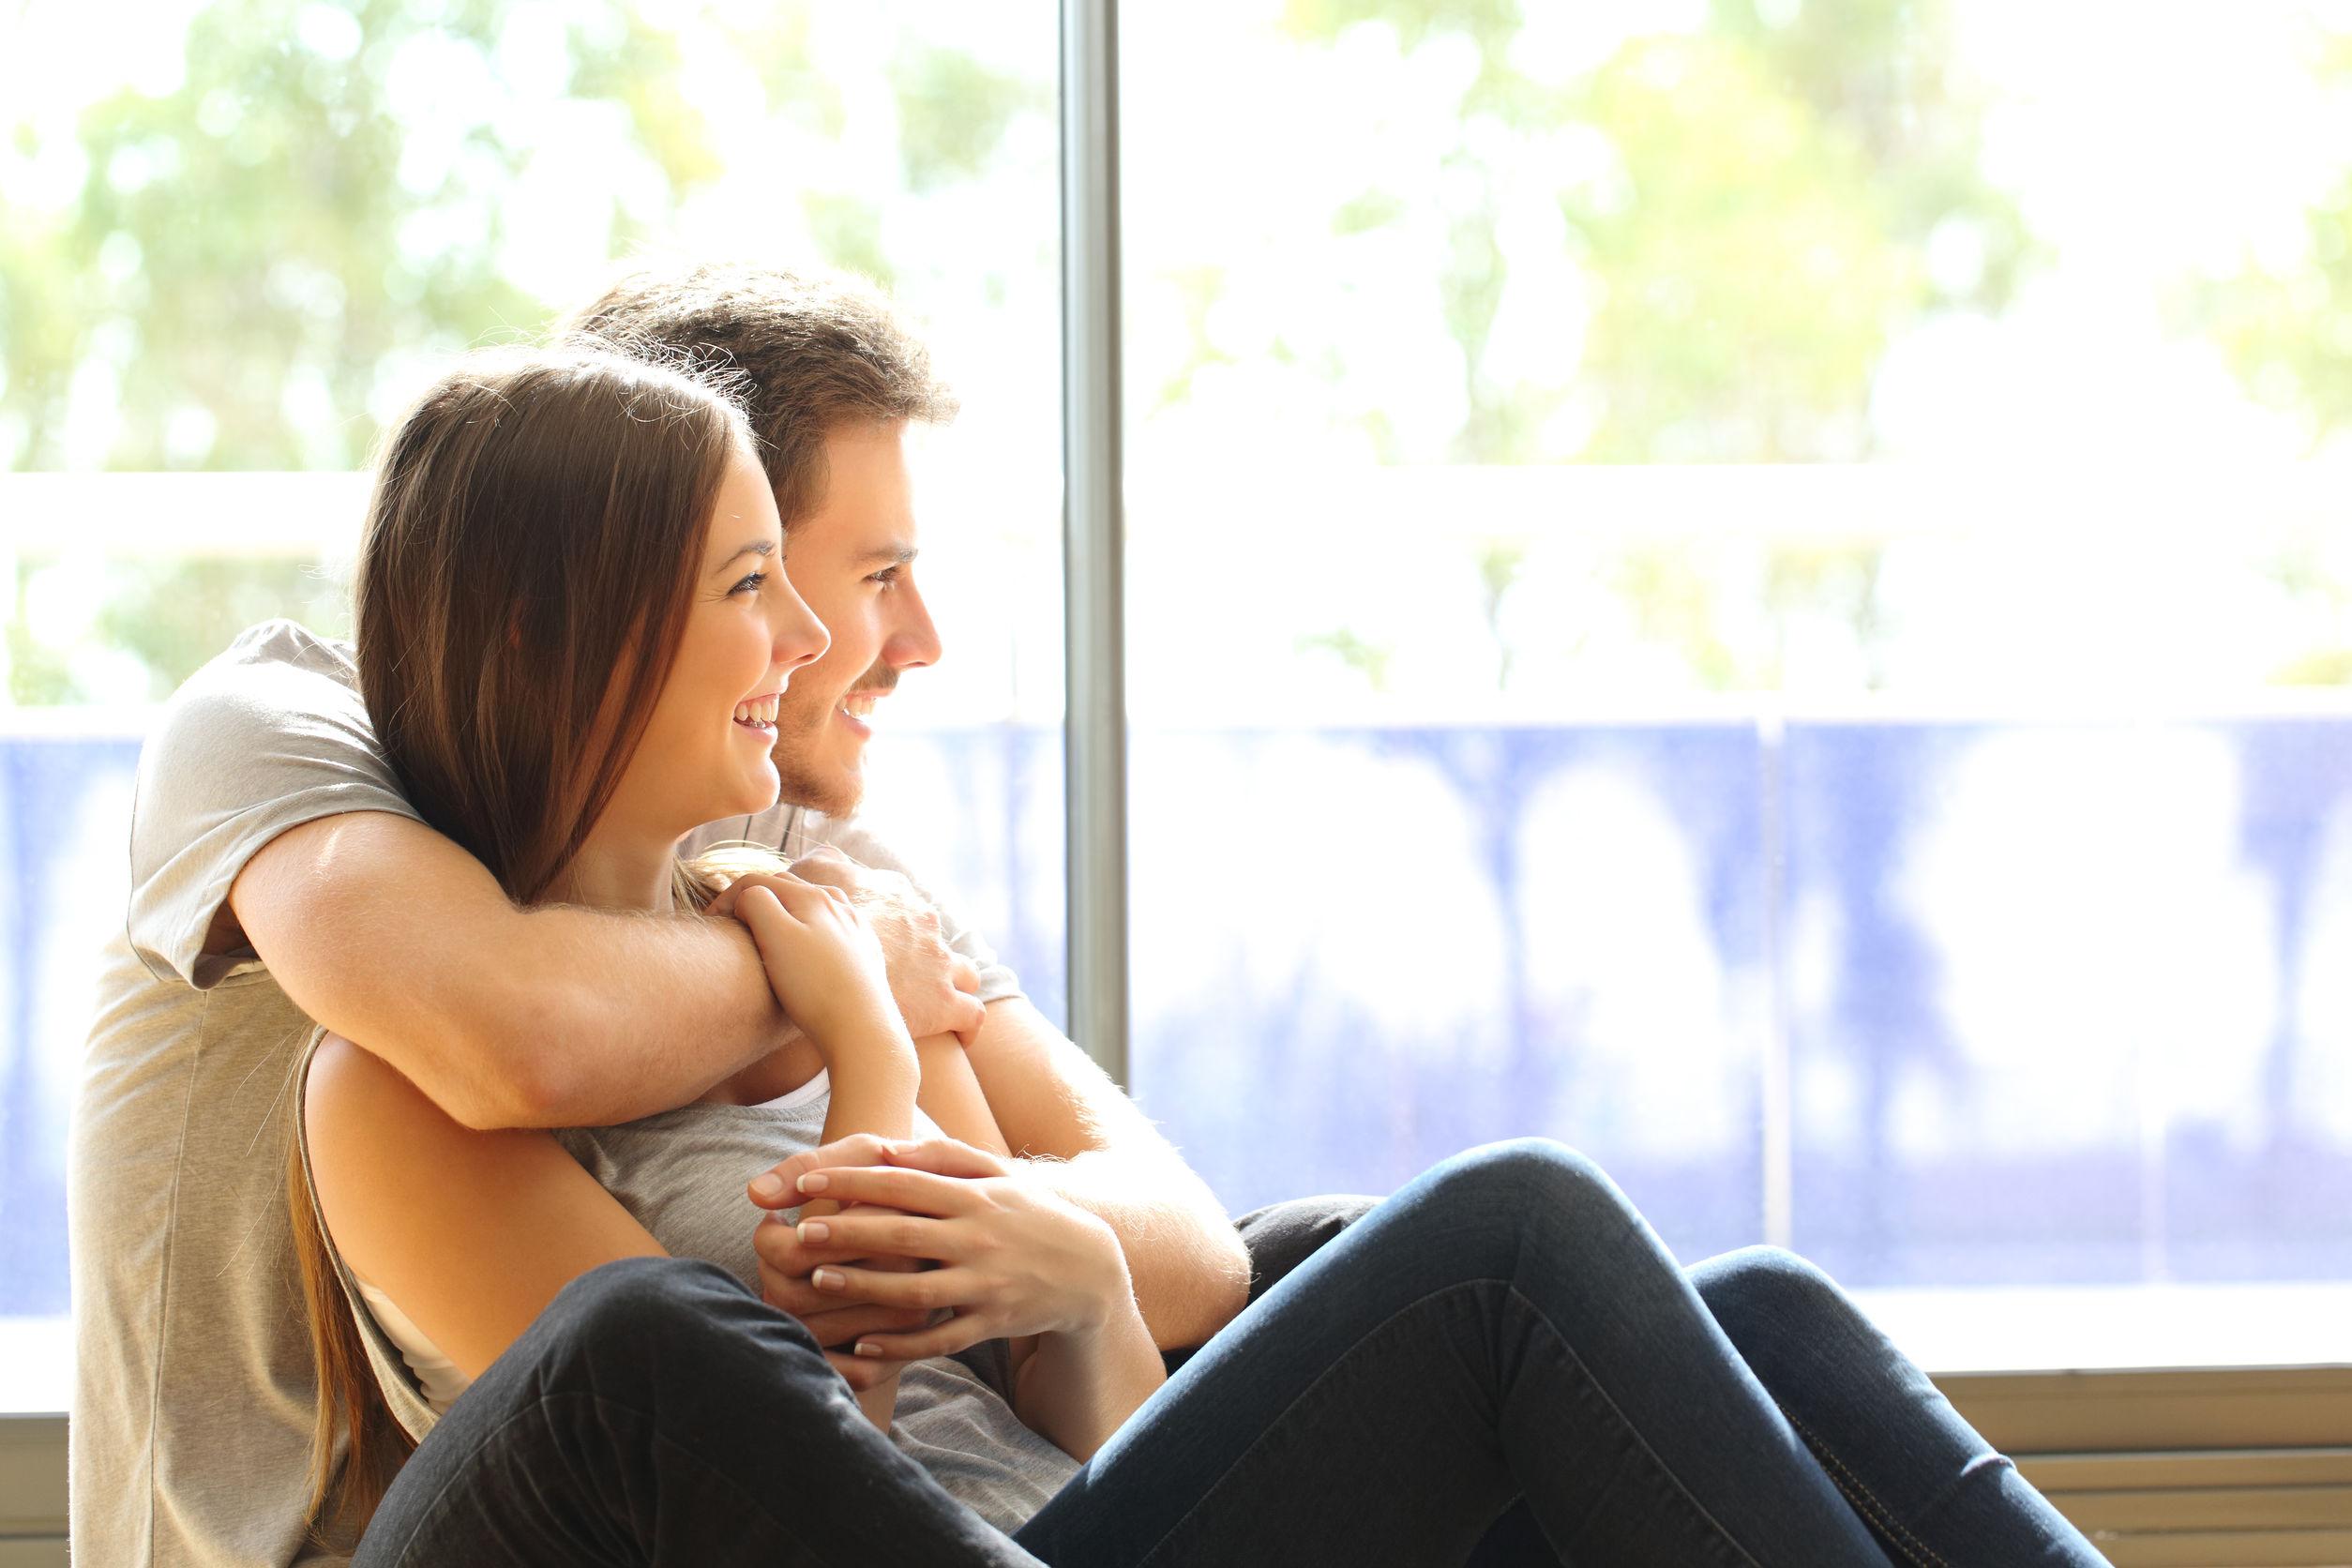 Departamentos de lujo para la vida en pareja